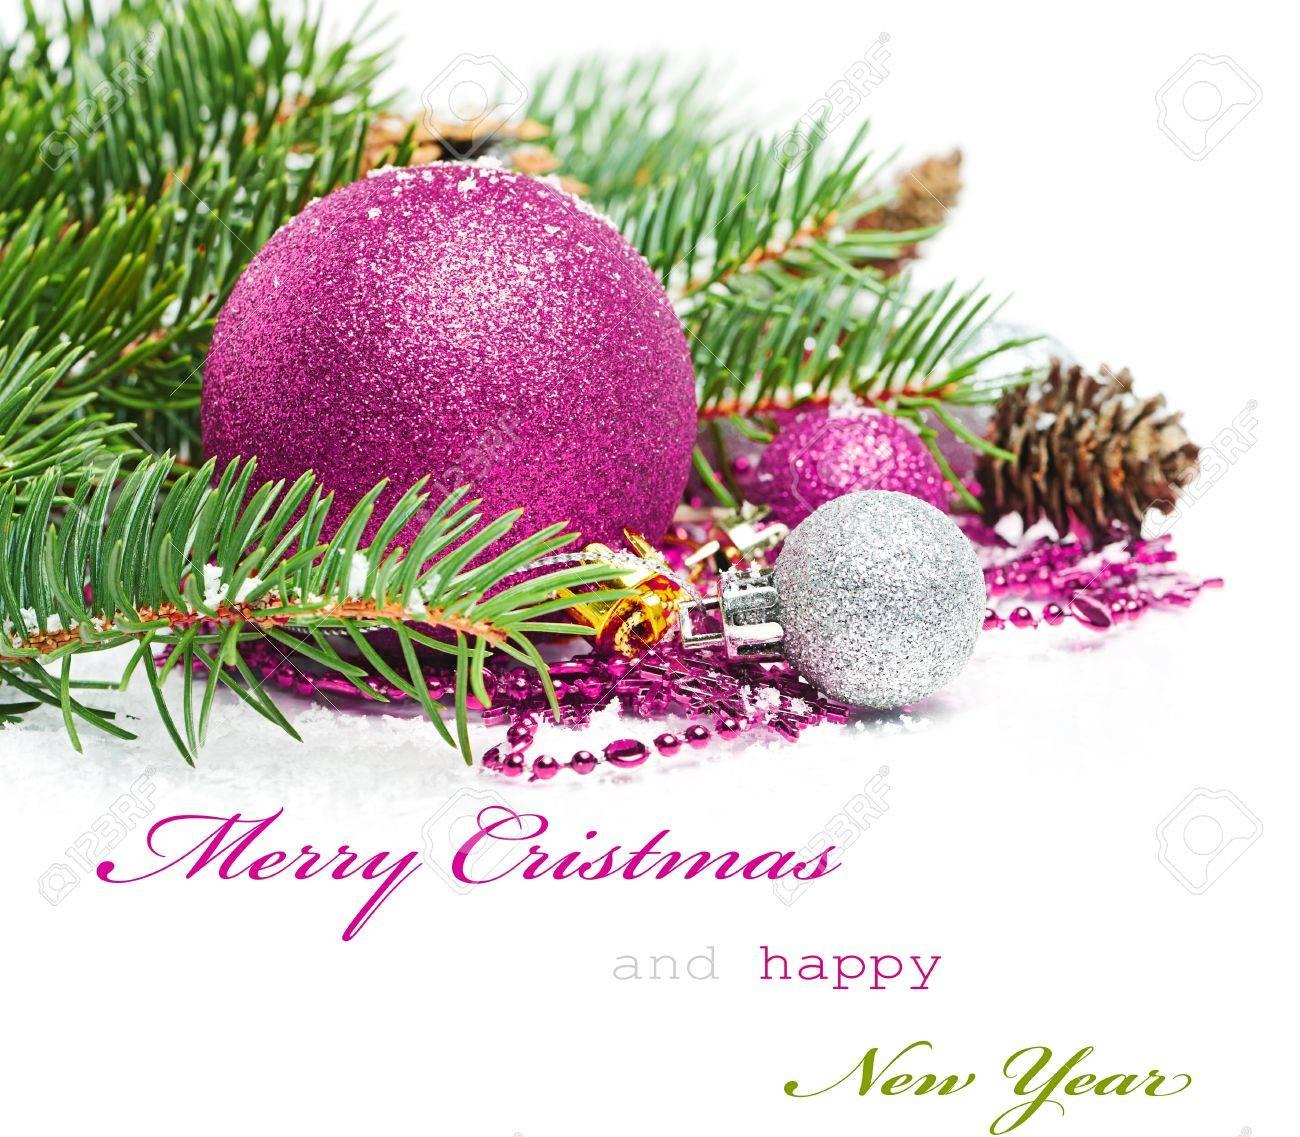 Christmas greetings card - 15826269